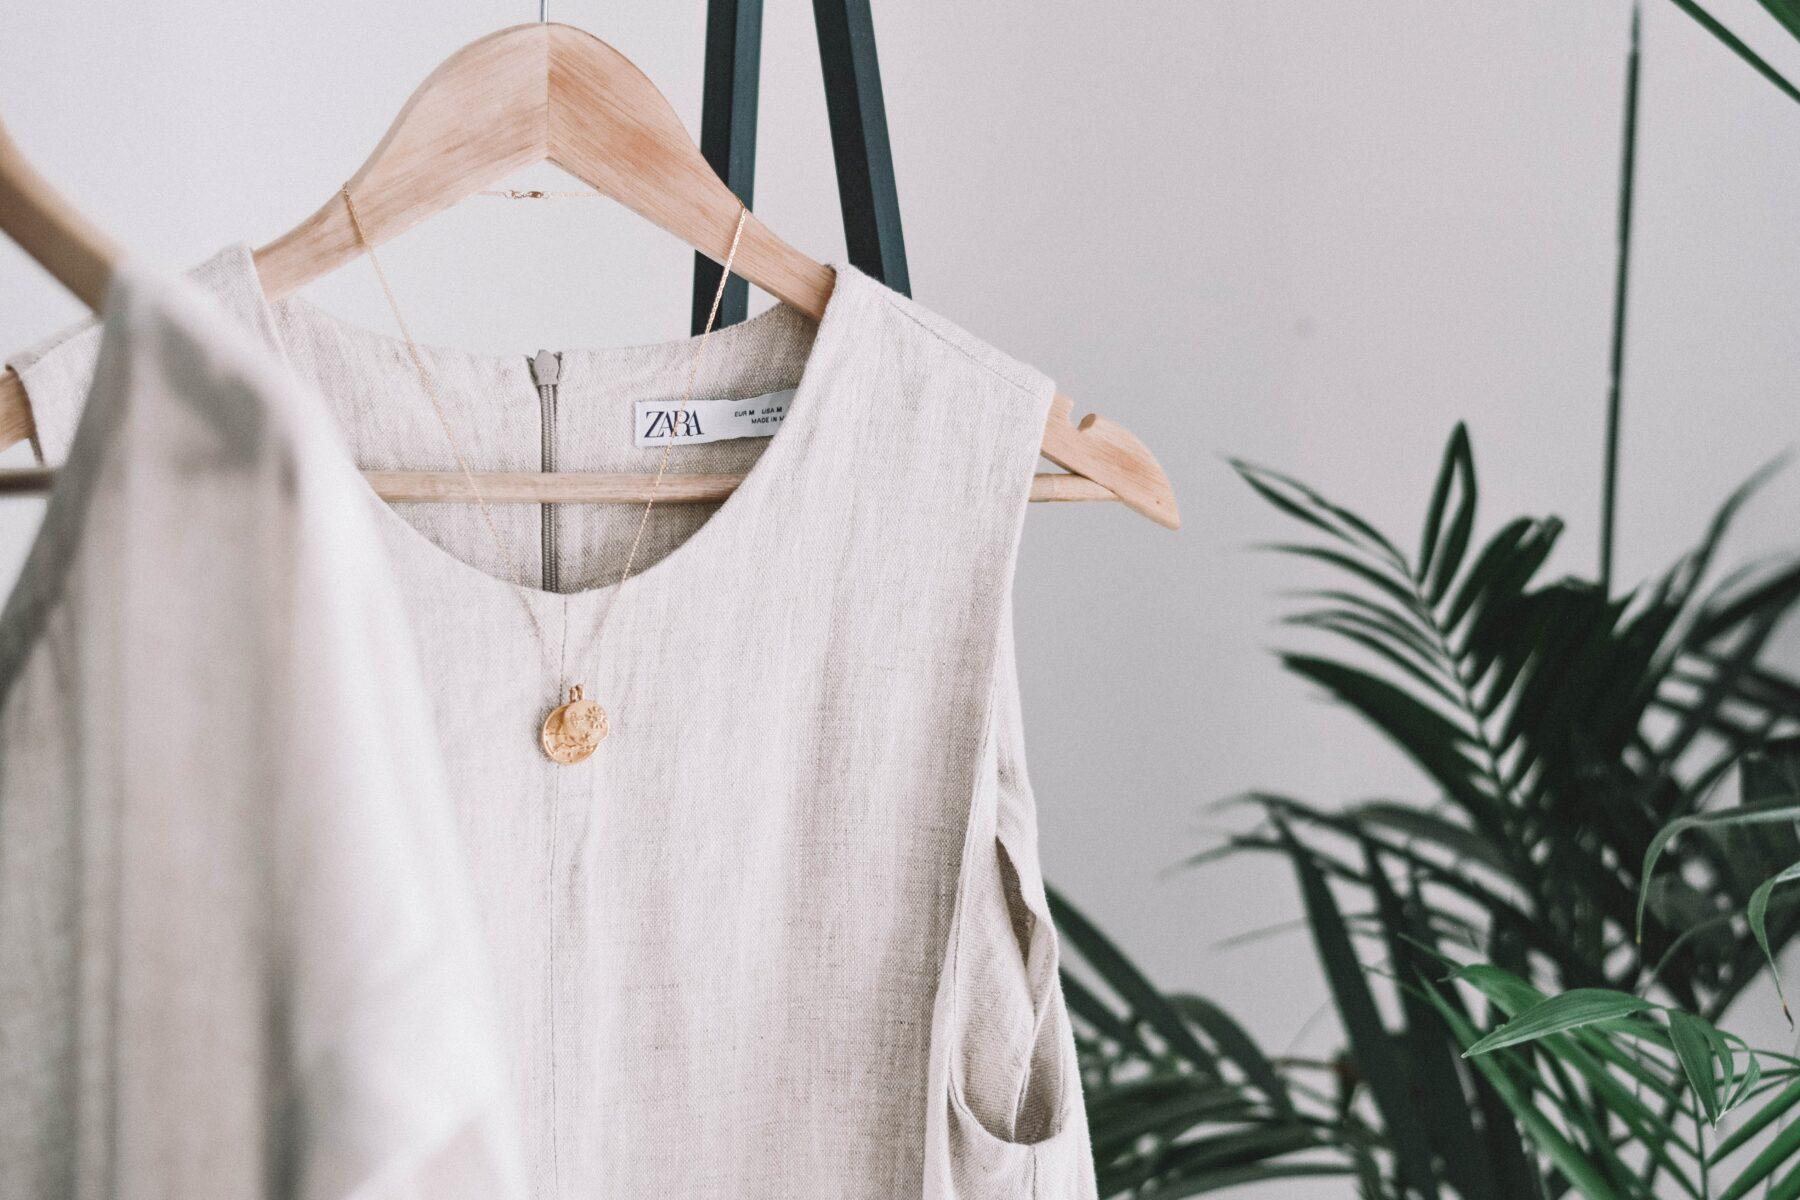 kupuje-ubrania-i-ich-nie-nosze-blog-minimalizm-2021